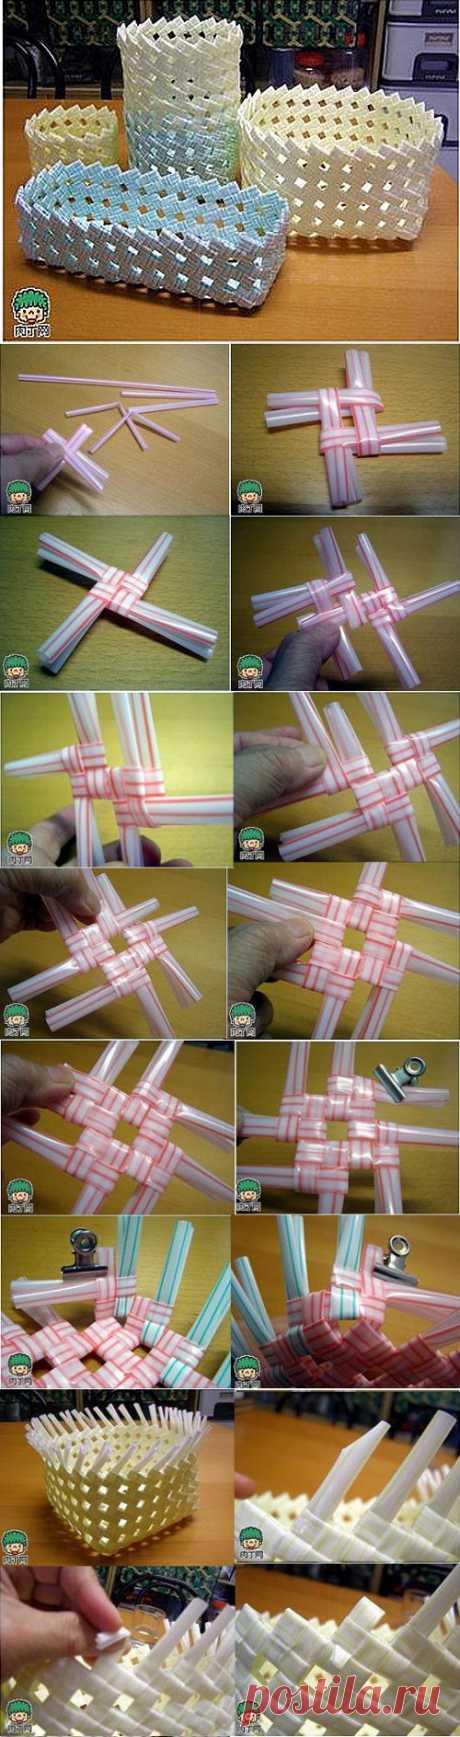 Плетеные корзинки из коктейльных трубочек | Умелые ручки